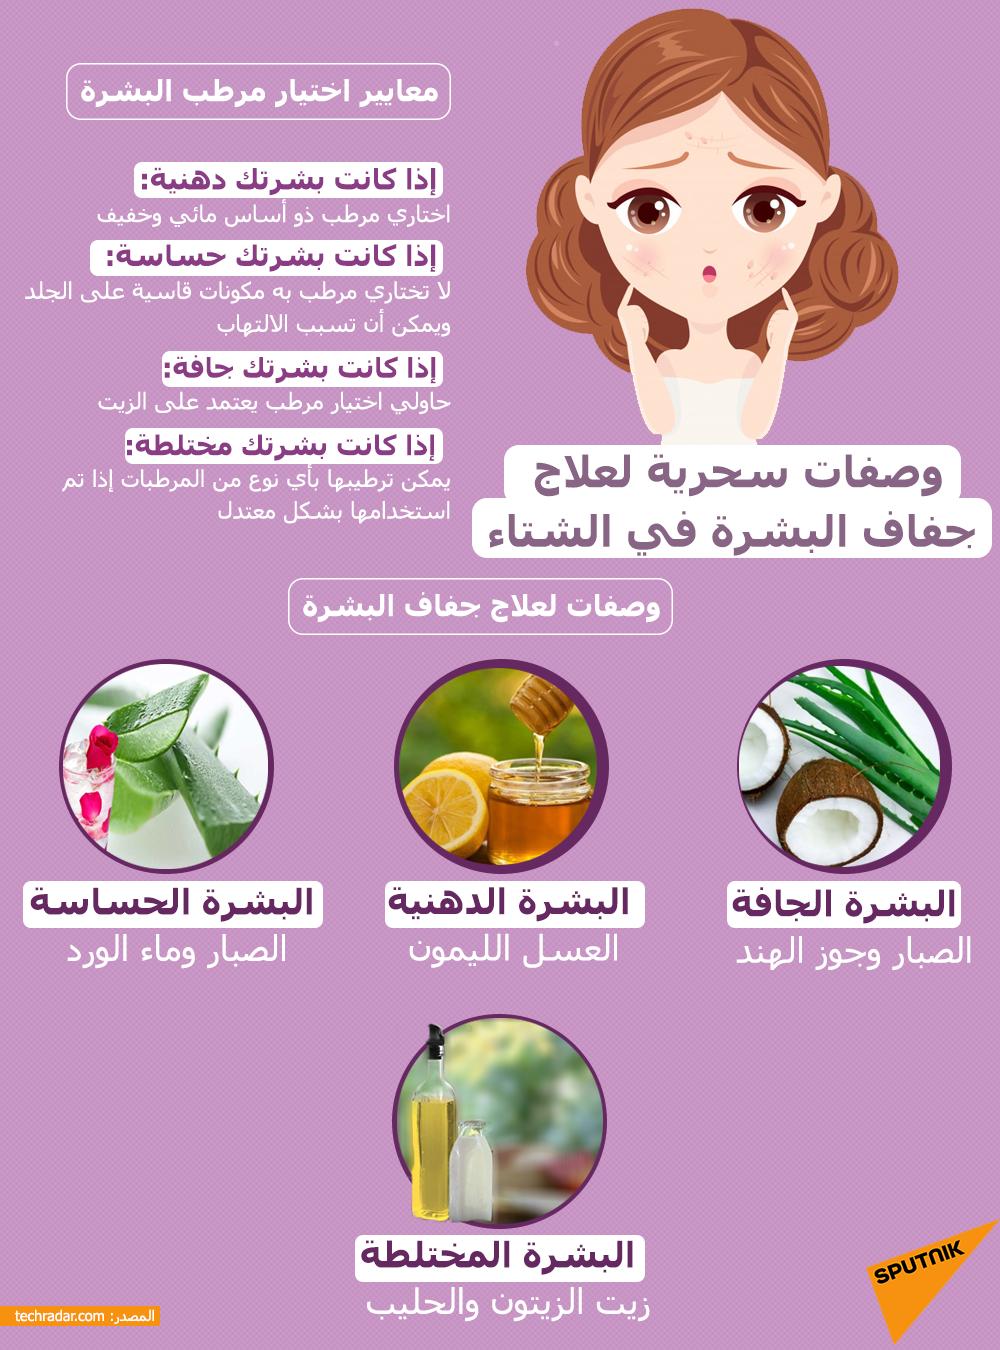 وصفات سحرية لعلاج جفاف البشرة في الشتاء